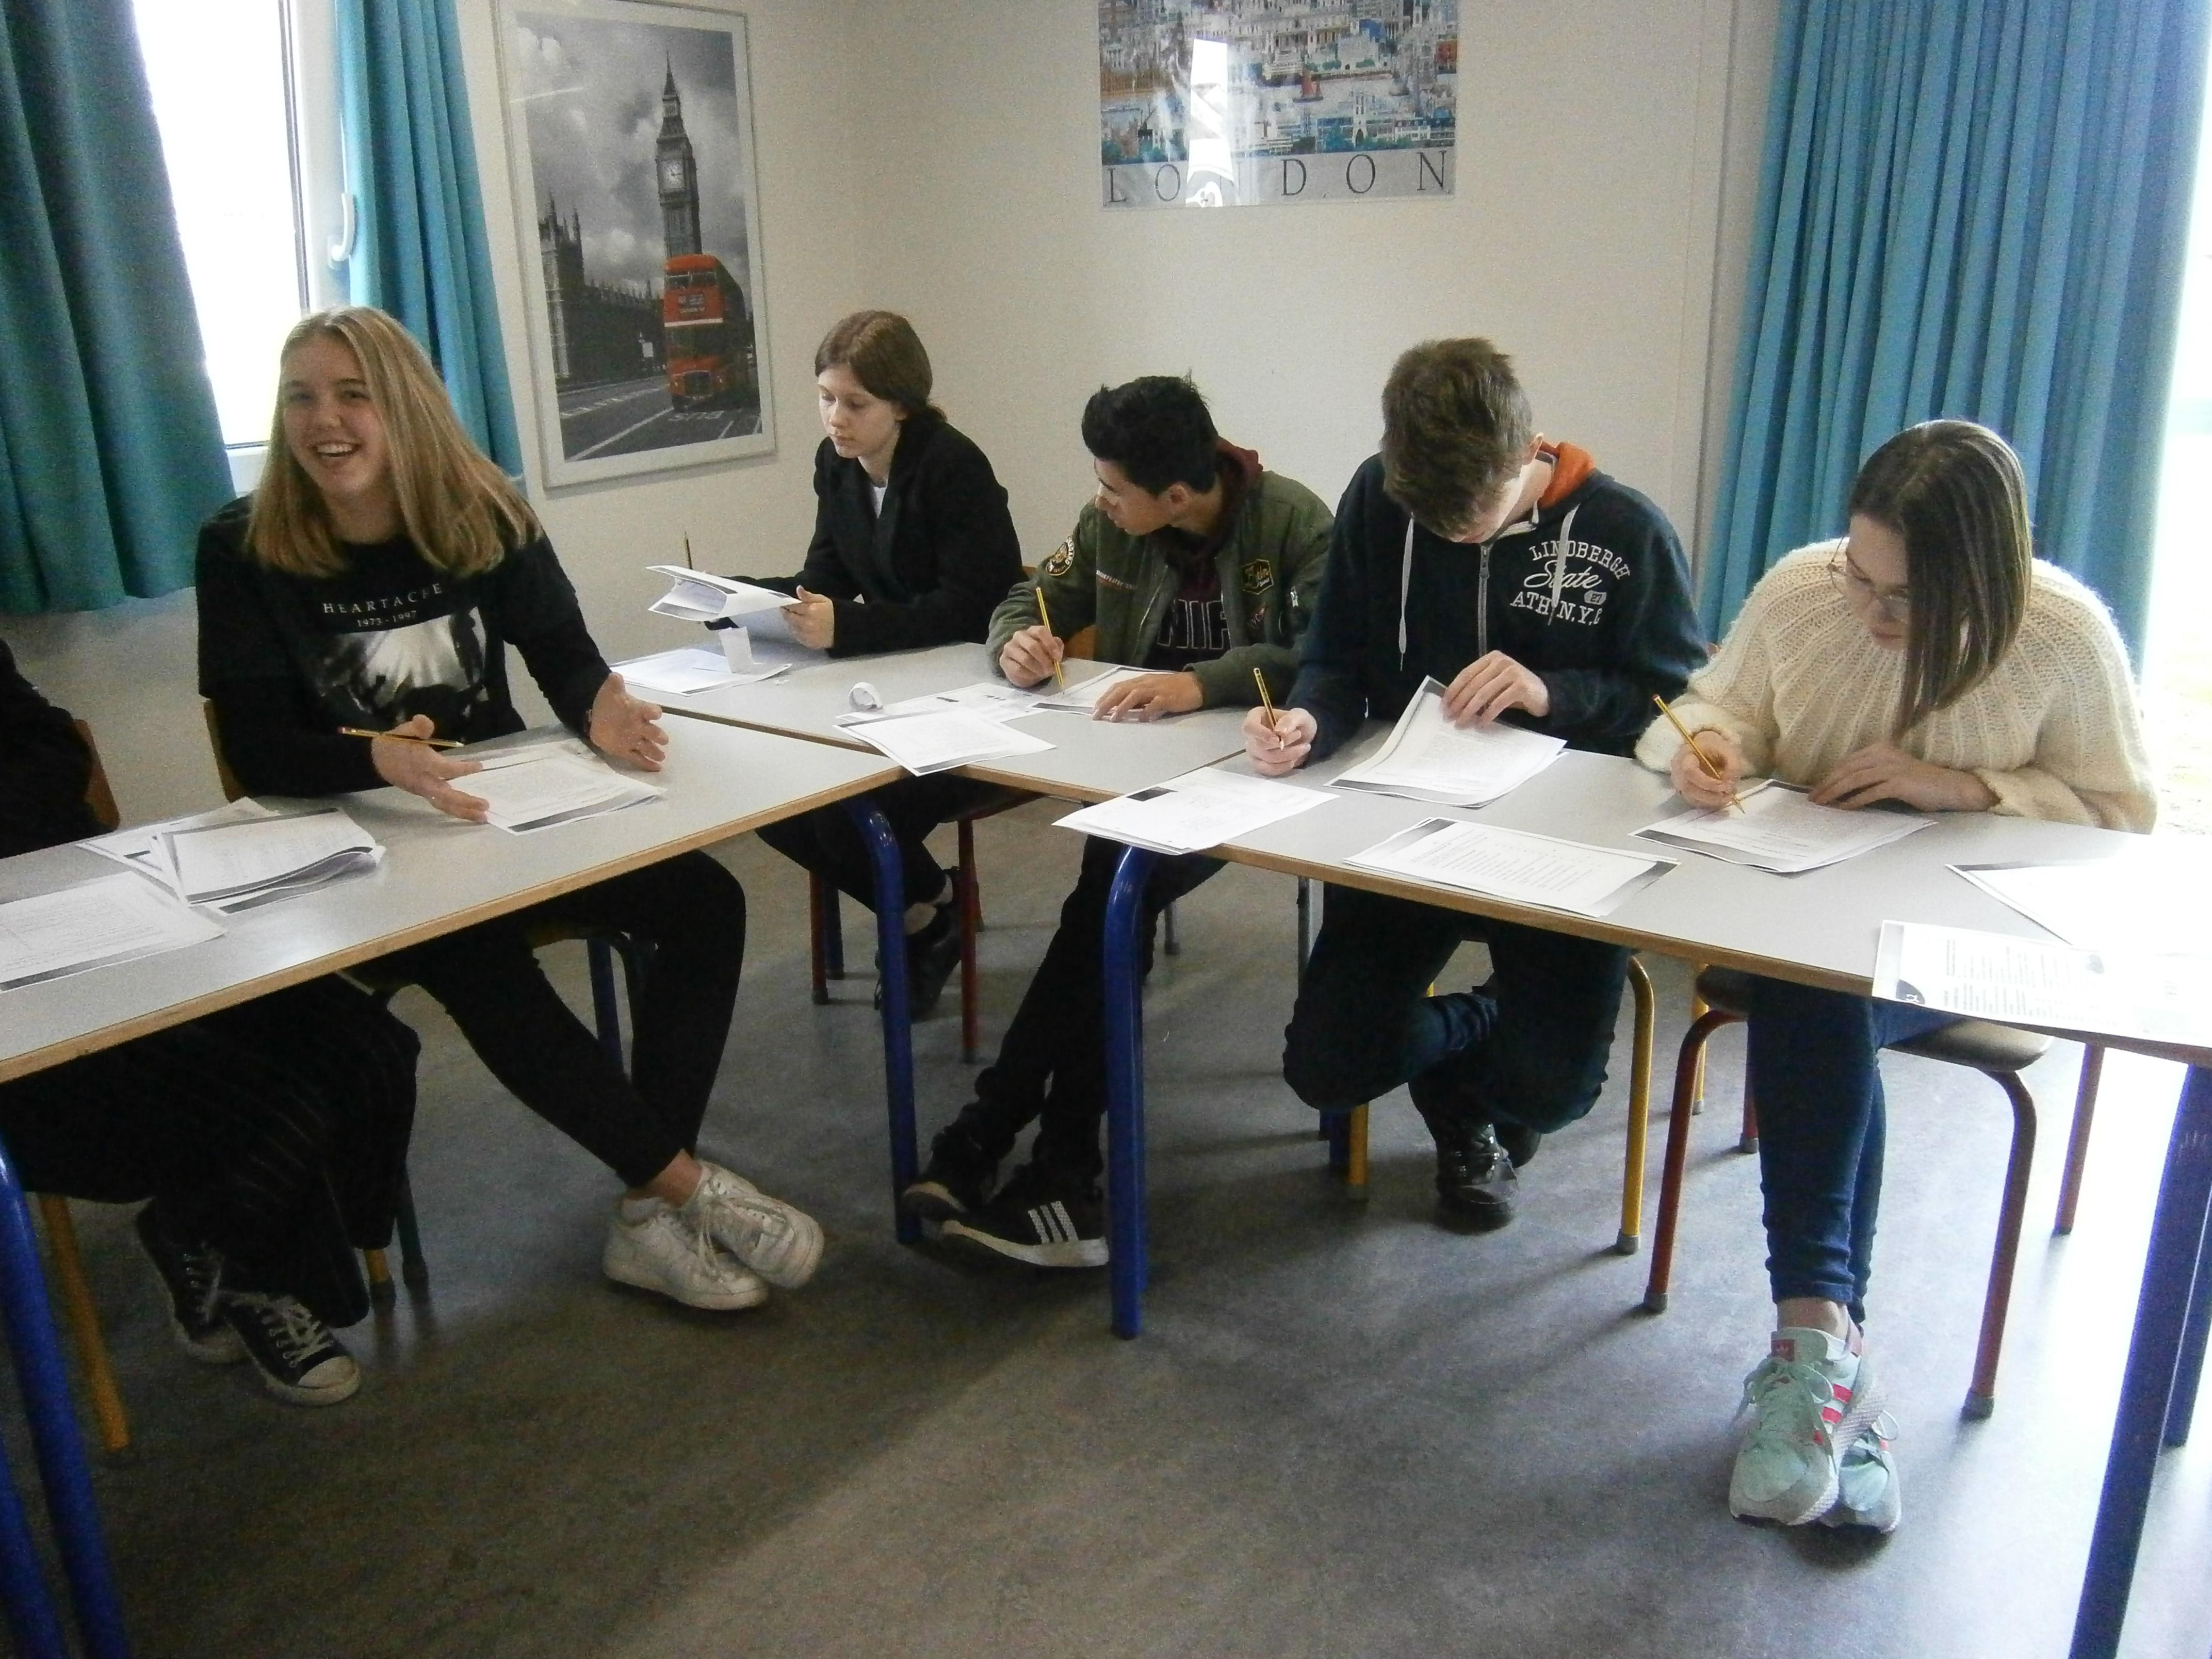 Efterskole Camp Cambridge test